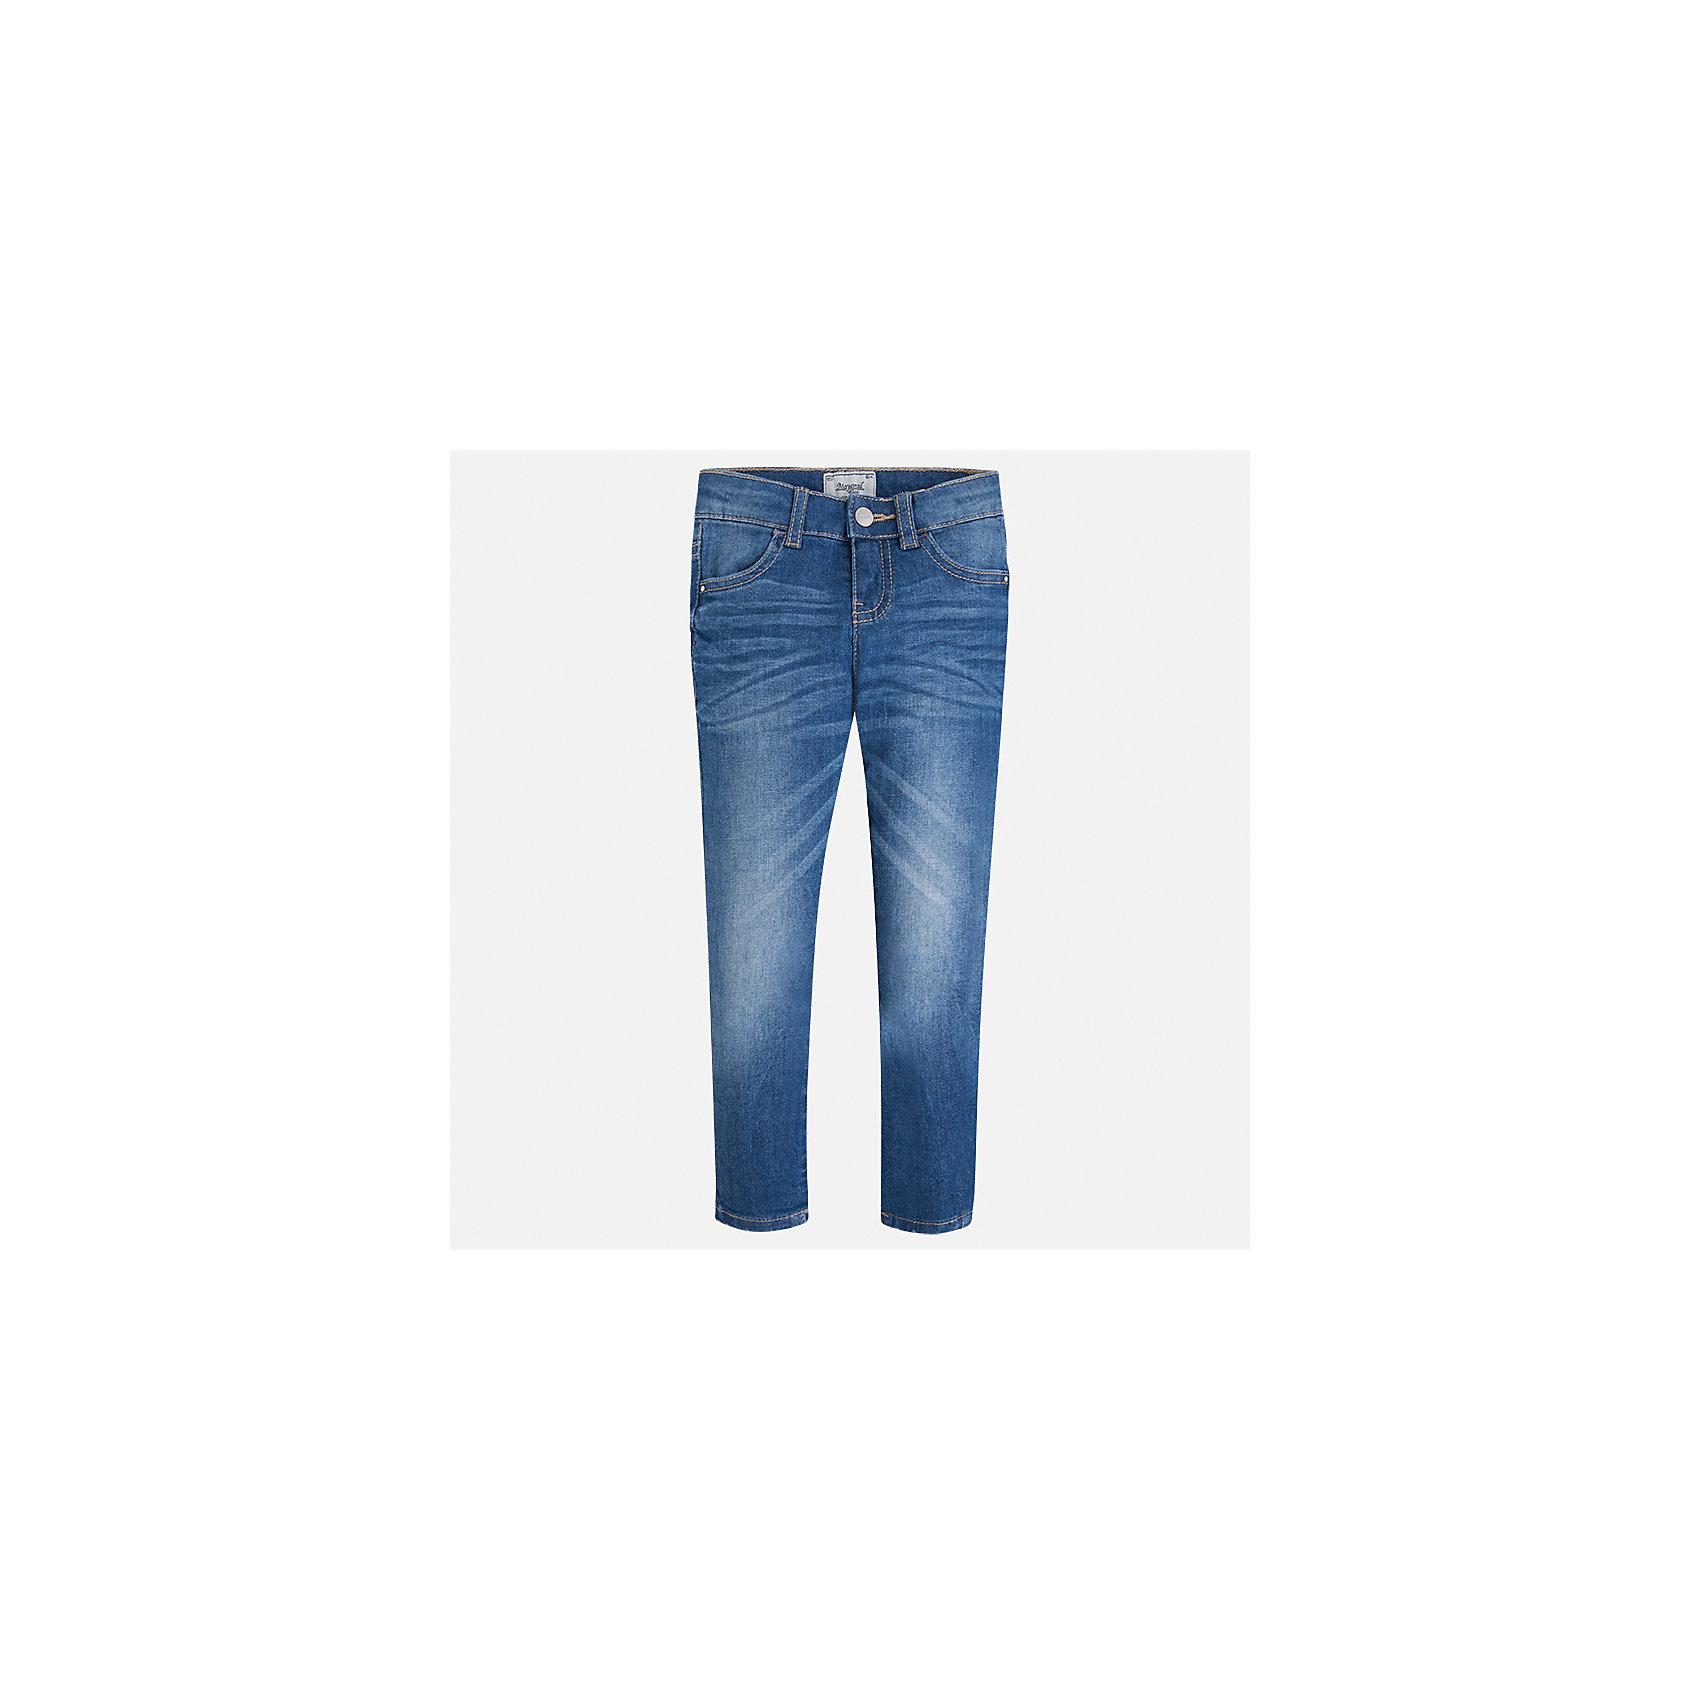 Джинсы для девочки MayoralДжинсы<br>Характеристики товара:<br><br>• цвет: синий<br>• состав: 98% хлопок, 2% эластан<br>• эффект потертости<br>• карманы<br>• пояс с регулировкой объема<br>• шлевки<br>• страна бренда: Испания<br><br>Стильные джинсы для девочки смогут разнообразить гардероб ребенка и украсить наряд. Они отлично сочетаются с майками, футболками, блузками. Красивый оттенок позволяет подобрать к вещи верх разных расцветок. Интересный крой модели делает её нарядной и оригинальной. В составе материала - натуральный хлопок, гипоаллергенный, приятный на ощупь, дышащий.<br><br>Одежда, обувь и аксессуары от испанского бренда Mayoral полюбились детям и взрослым по всему миру. Модели этой марки - стильные и удобные. Для их производства используются только безопасные, качественные материалы и фурнитура. Порадуйте ребенка модными и красивыми вещами от Mayoral! <br><br>Джинсы для девочки от испанского бренда Mayoral (Майорал) можно купить в нашем интернет-магазине.<br><br>Ширина мм: 215<br>Глубина мм: 88<br>Высота мм: 191<br>Вес г: 336<br>Цвет: синий<br>Возраст от месяцев: 18<br>Возраст до месяцев: 24<br>Пол: Женский<br>Возраст: Детский<br>Размер: 92,134,98,104,110,116,122,128<br>SKU: 5288488